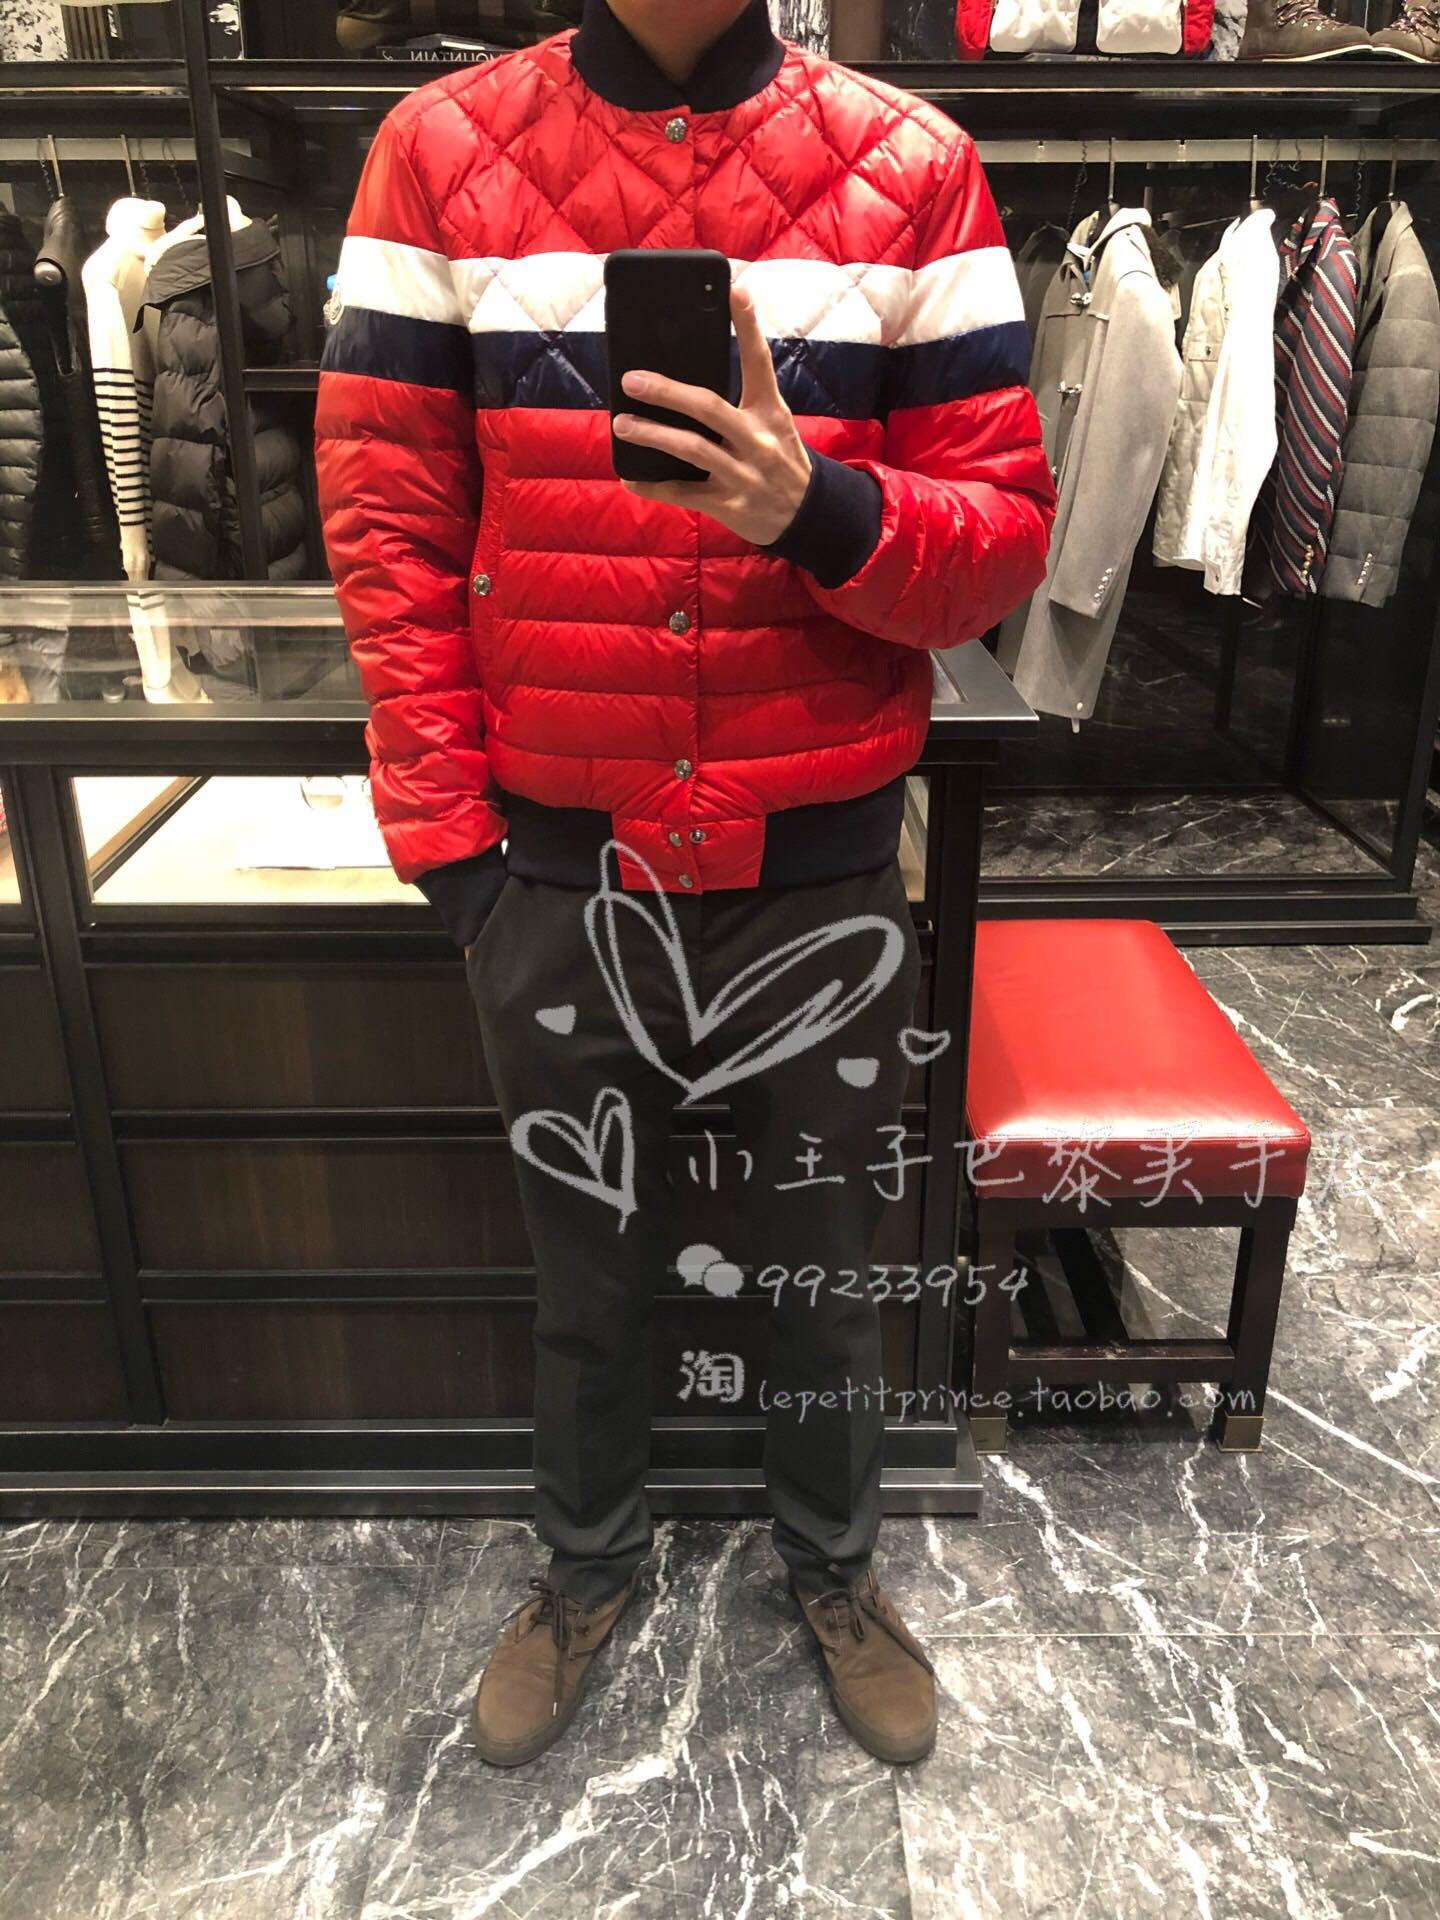 巴黎专柜正品代购 MONCLER 2018早春新男士短款拼色羽绒服ITINER